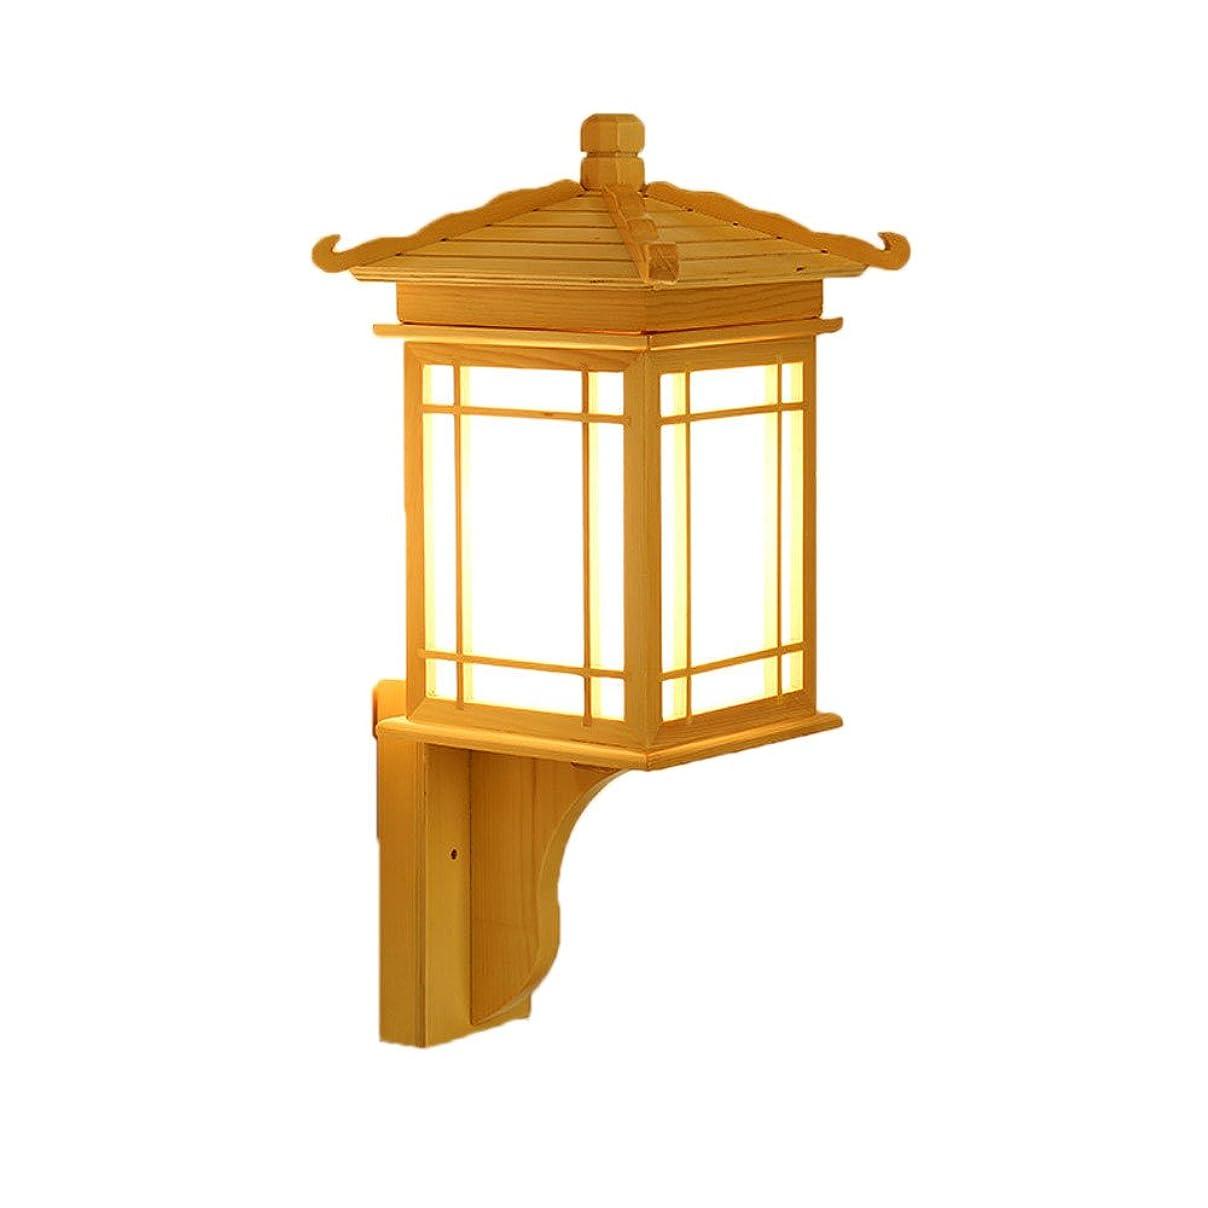 LIGUANGWEN 導かれた北ヨーロッパの純木の壁の壁取り付け用燭台の家の形の壁ランプの居間の寝室のヘッドボードの通路のバルコニーの壁の照明設備のための居間の寝室の廊下 壁灯